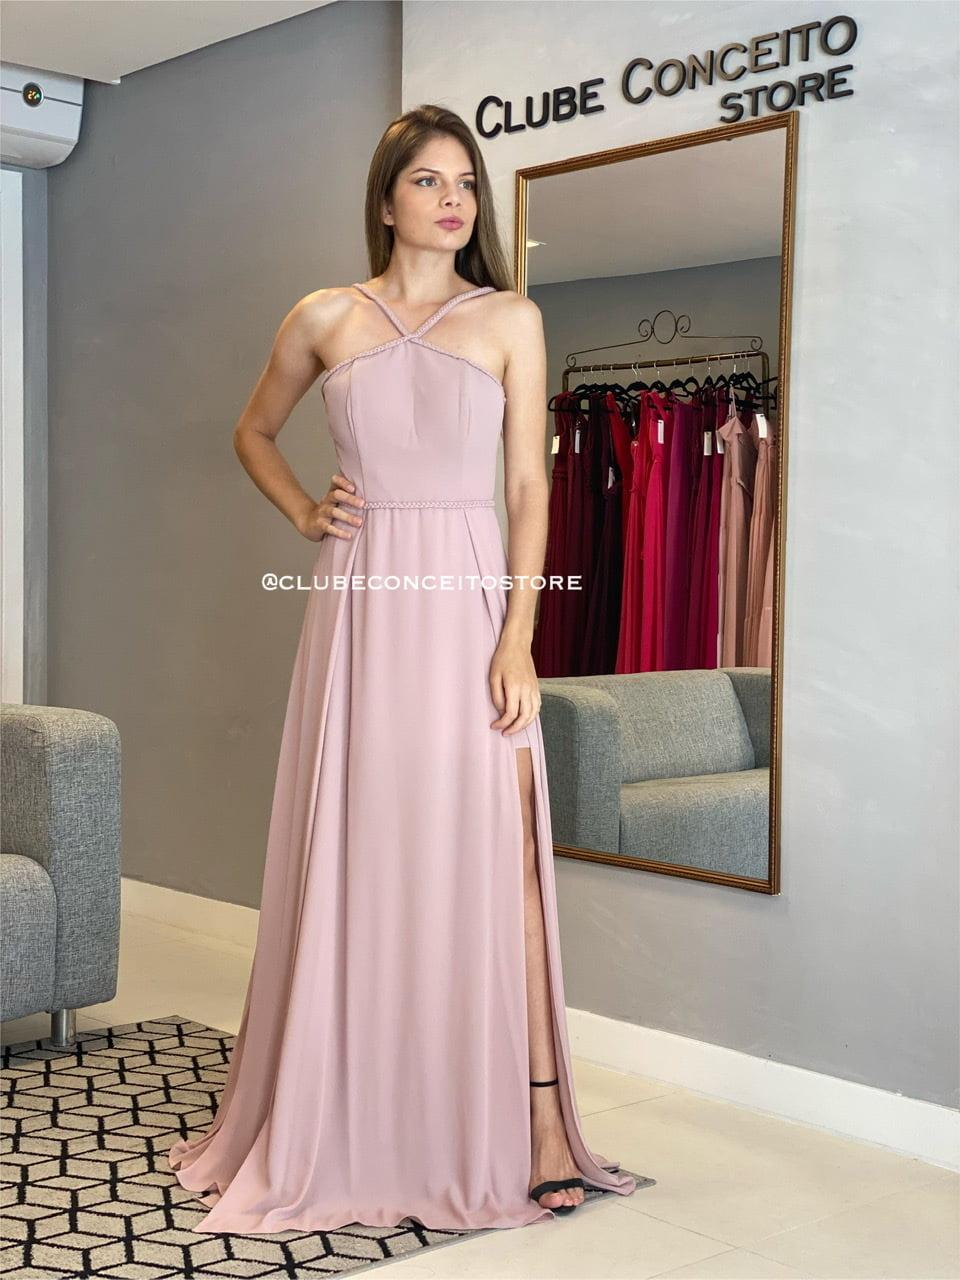 Vestido de Festa Longo Rosé Fenda Dupla Alça Trançada Madrinha, Convidada, Formanda.